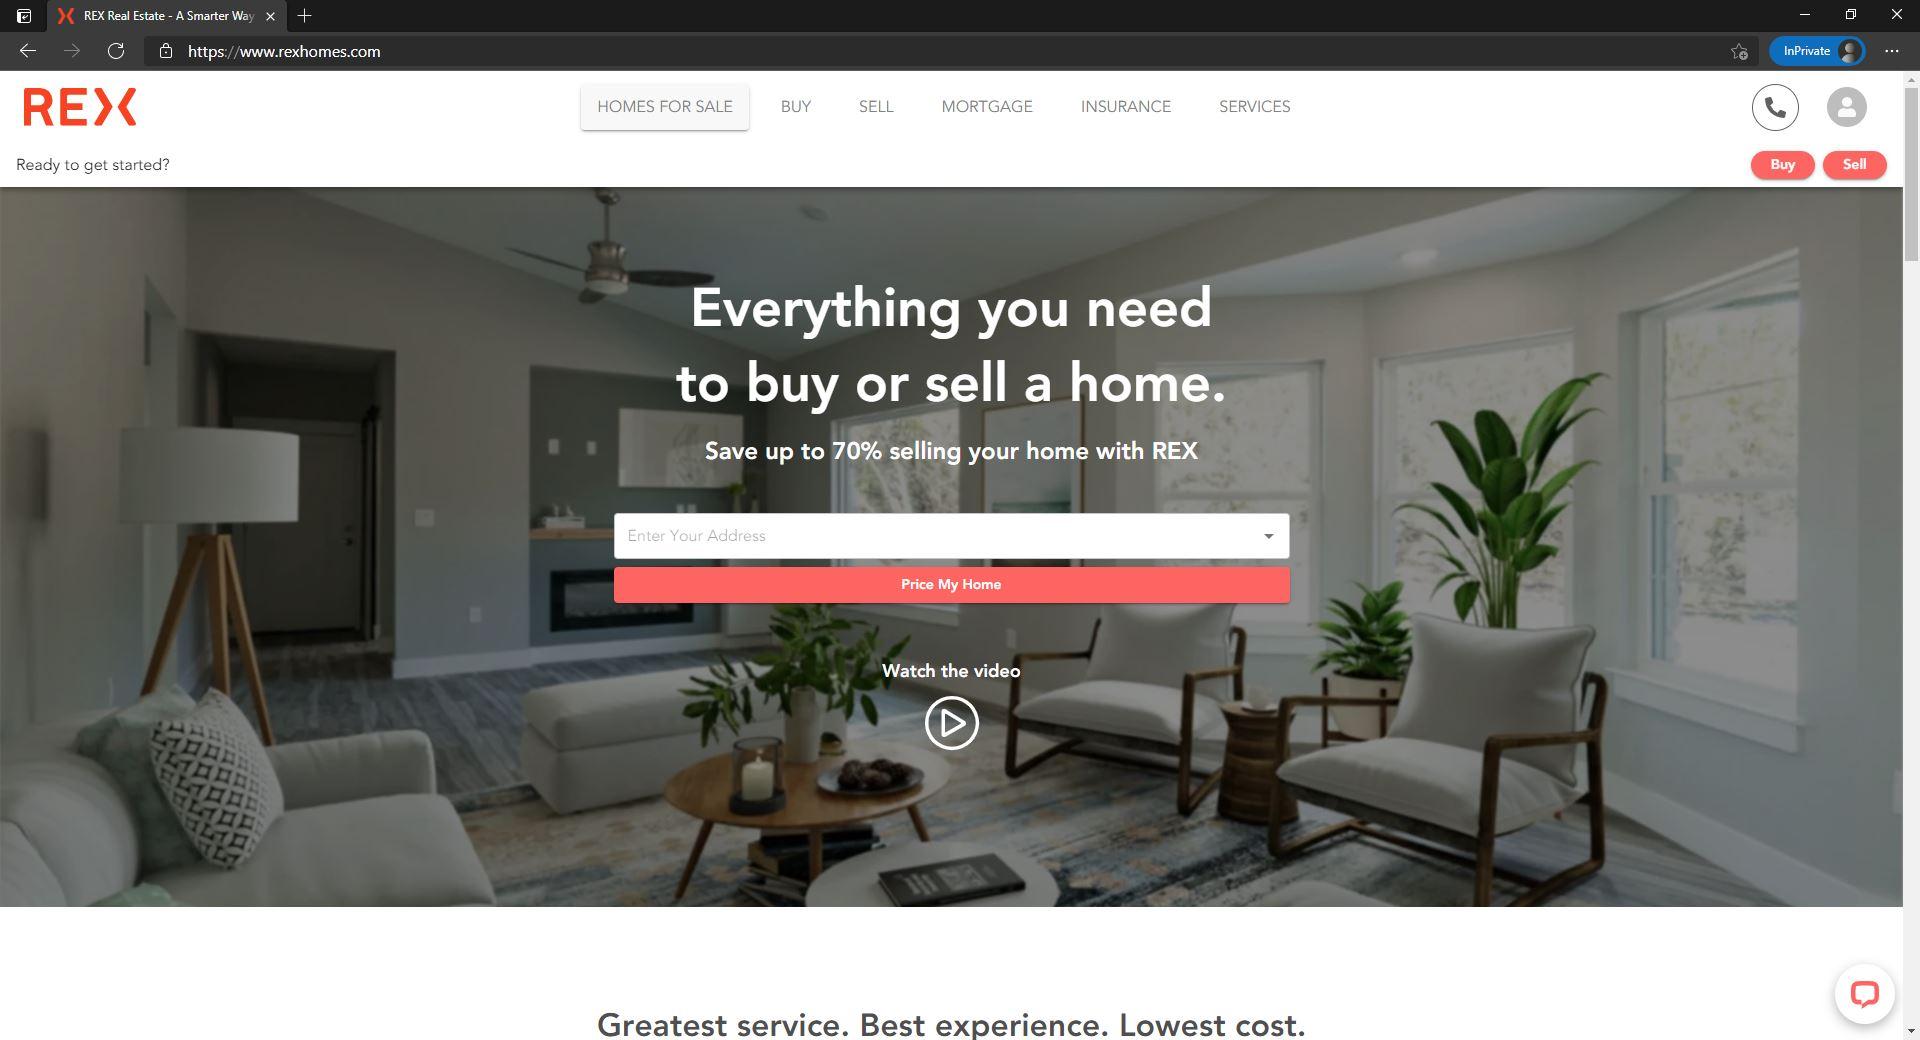 REX Homes website homepage